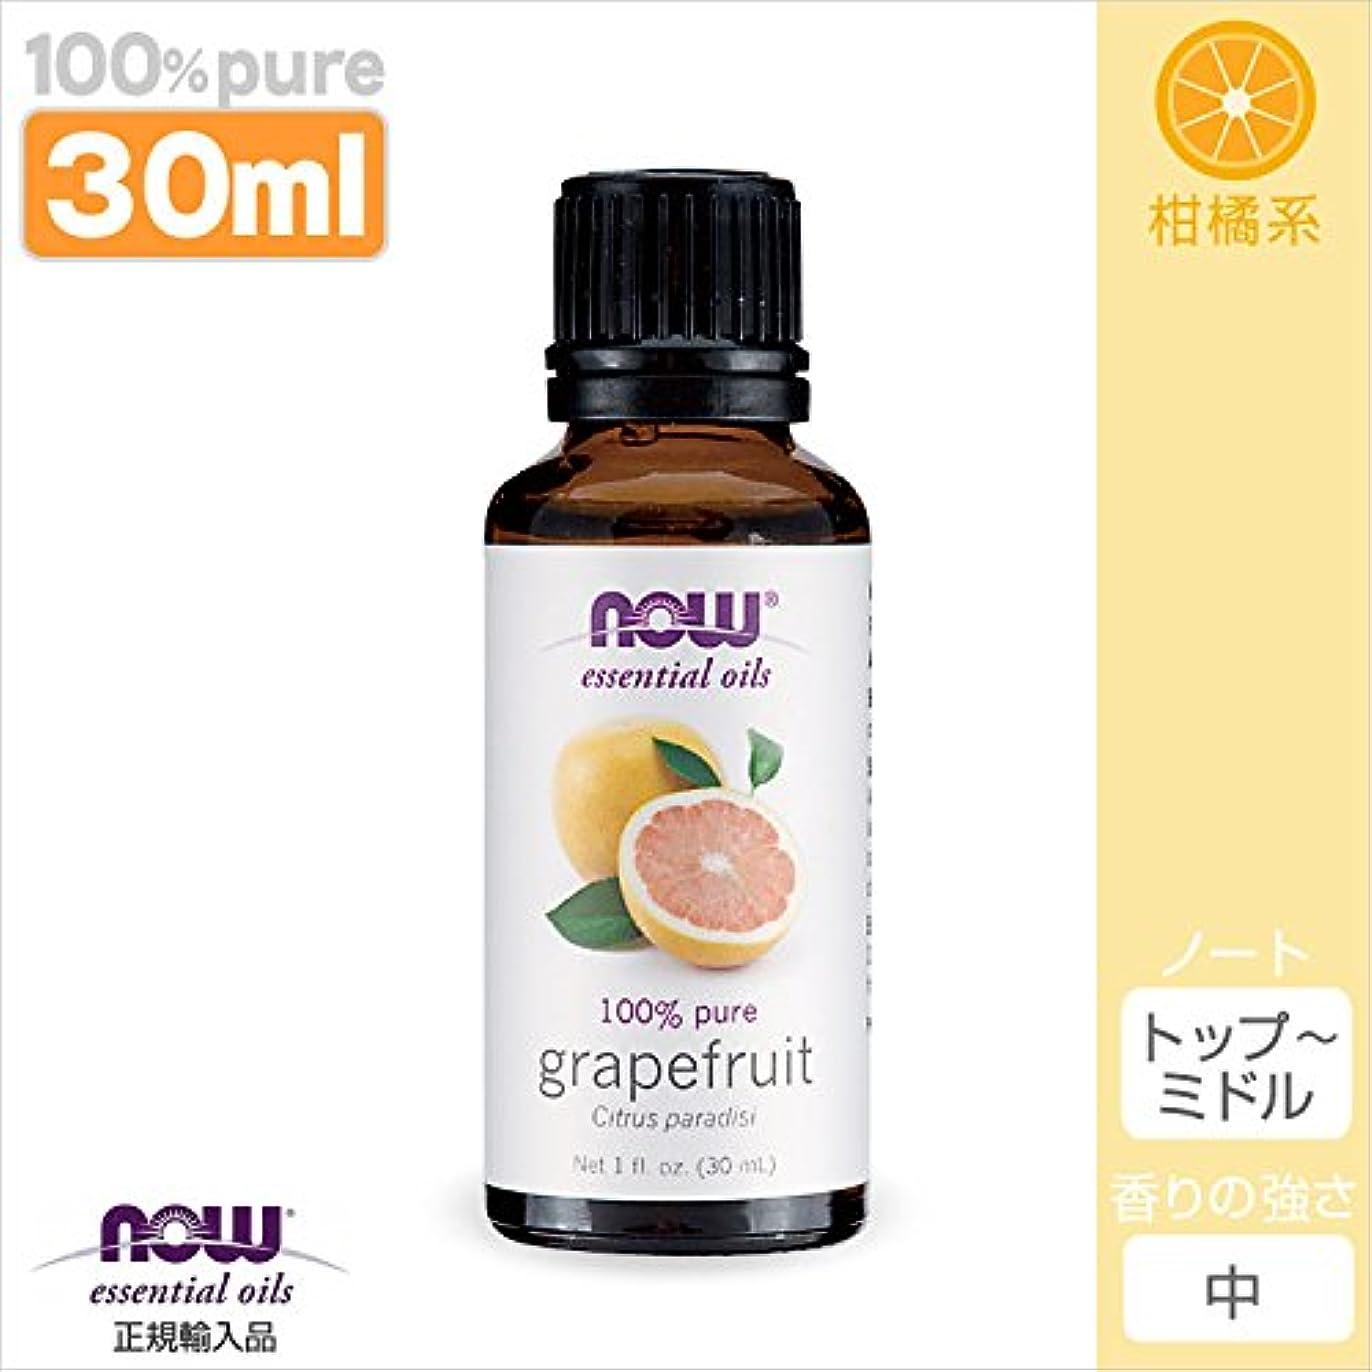 障害者肺メジャーグレープフルーツ精油[30ml] 【正規輸入品】 NOWエッセンシャルオイル(アロマオイル)